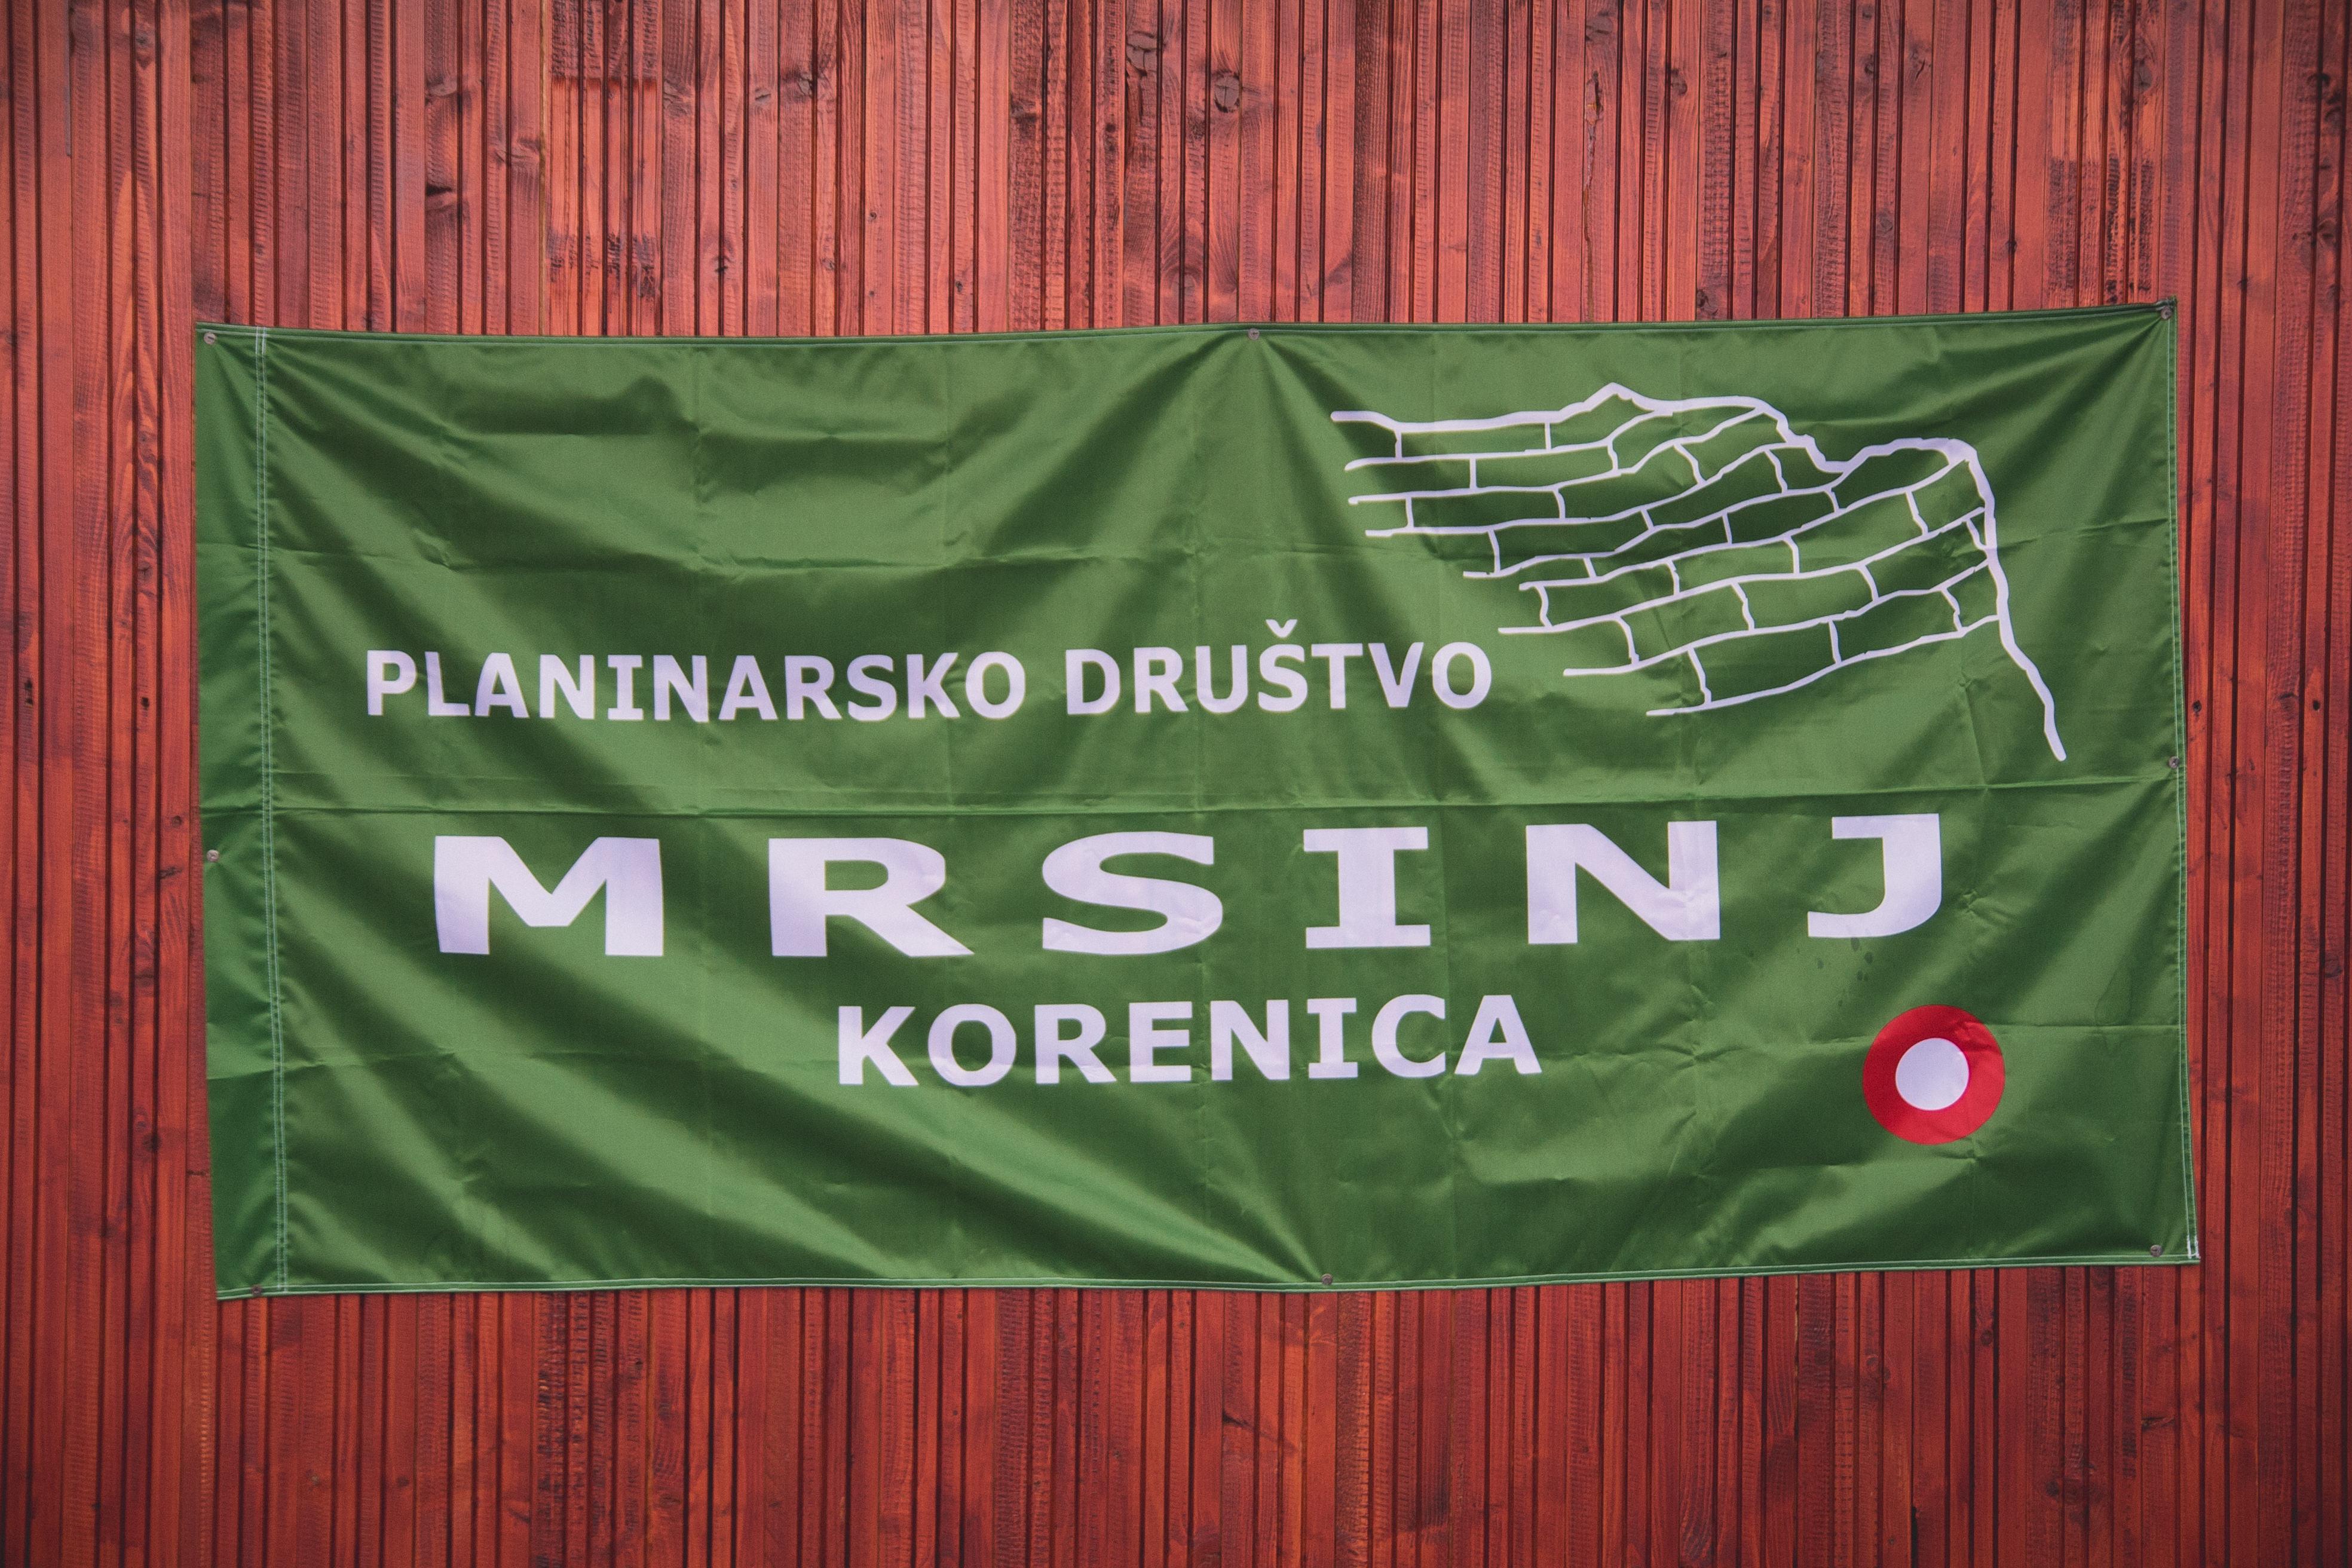 PD-MRSinj-Korenica-2